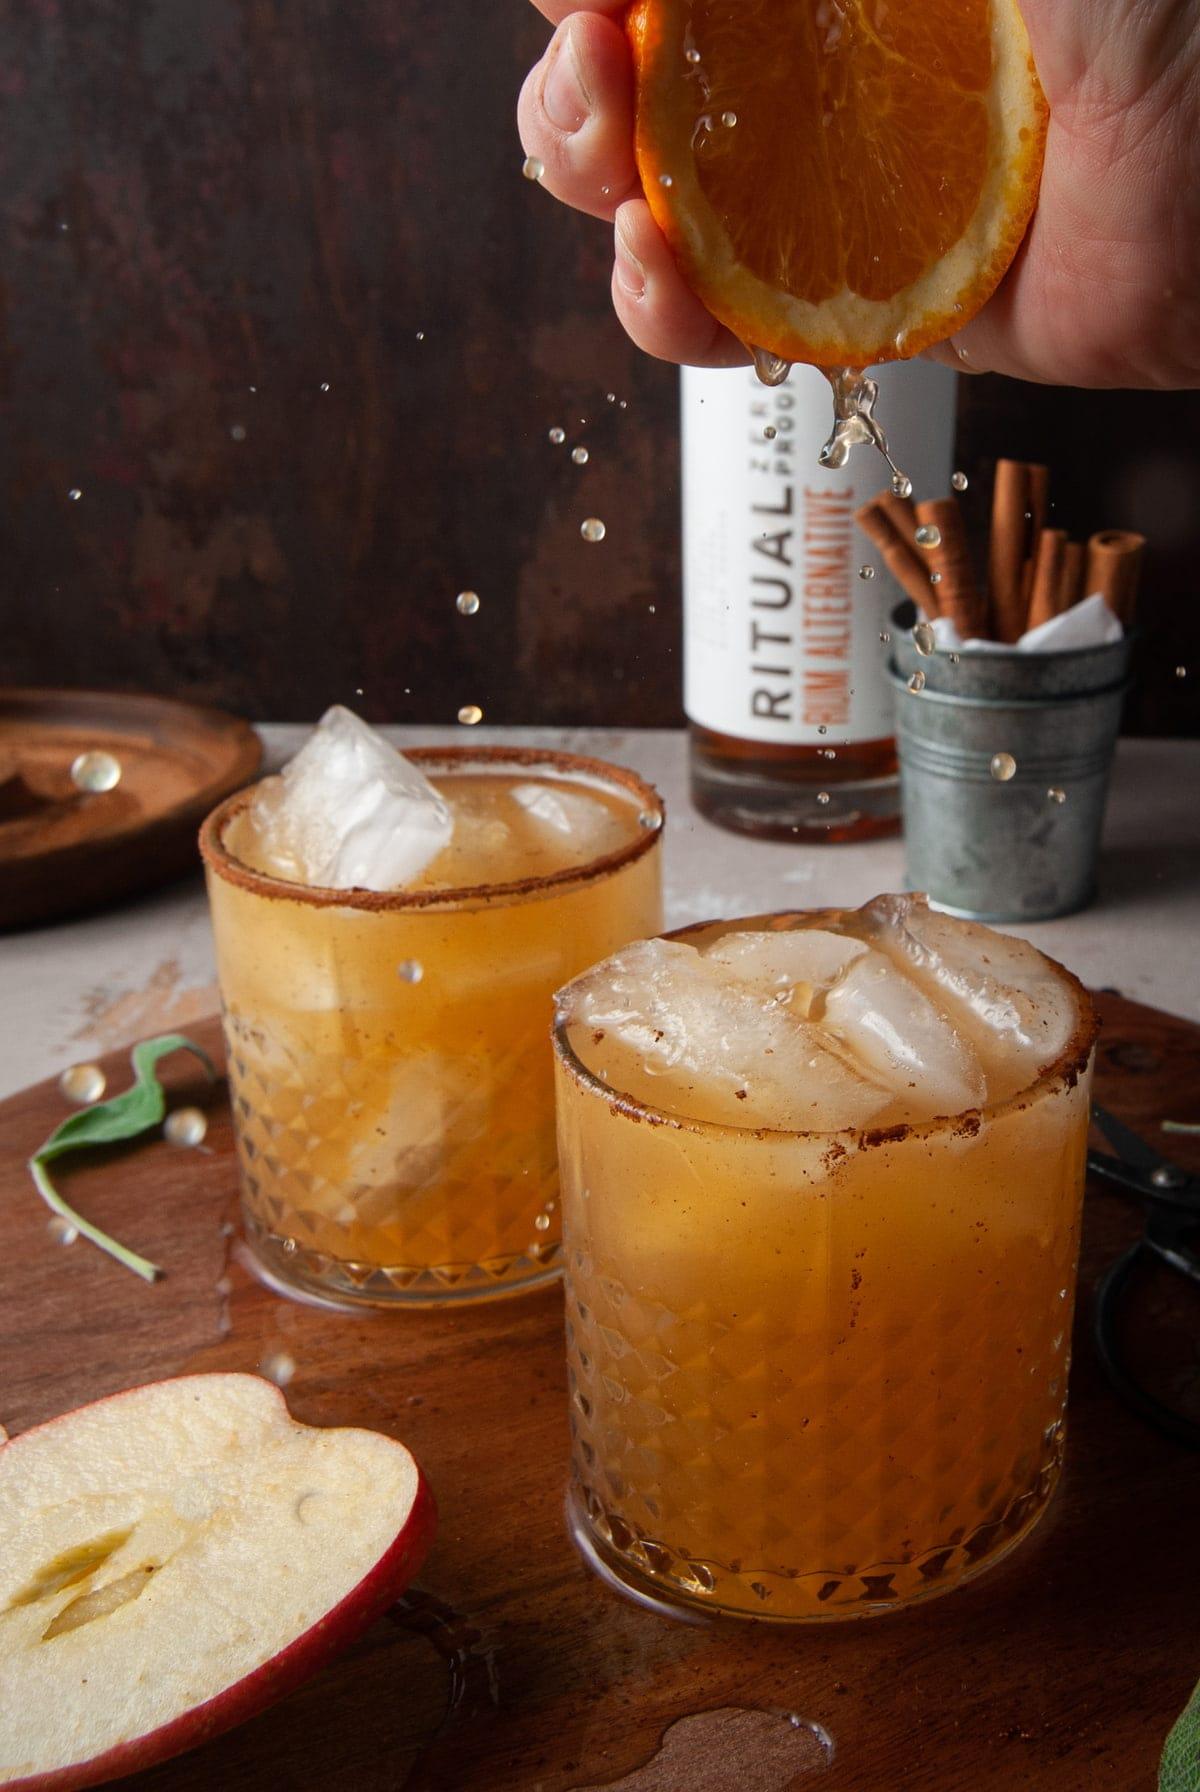 squeezing fresh orange juice into mocktail